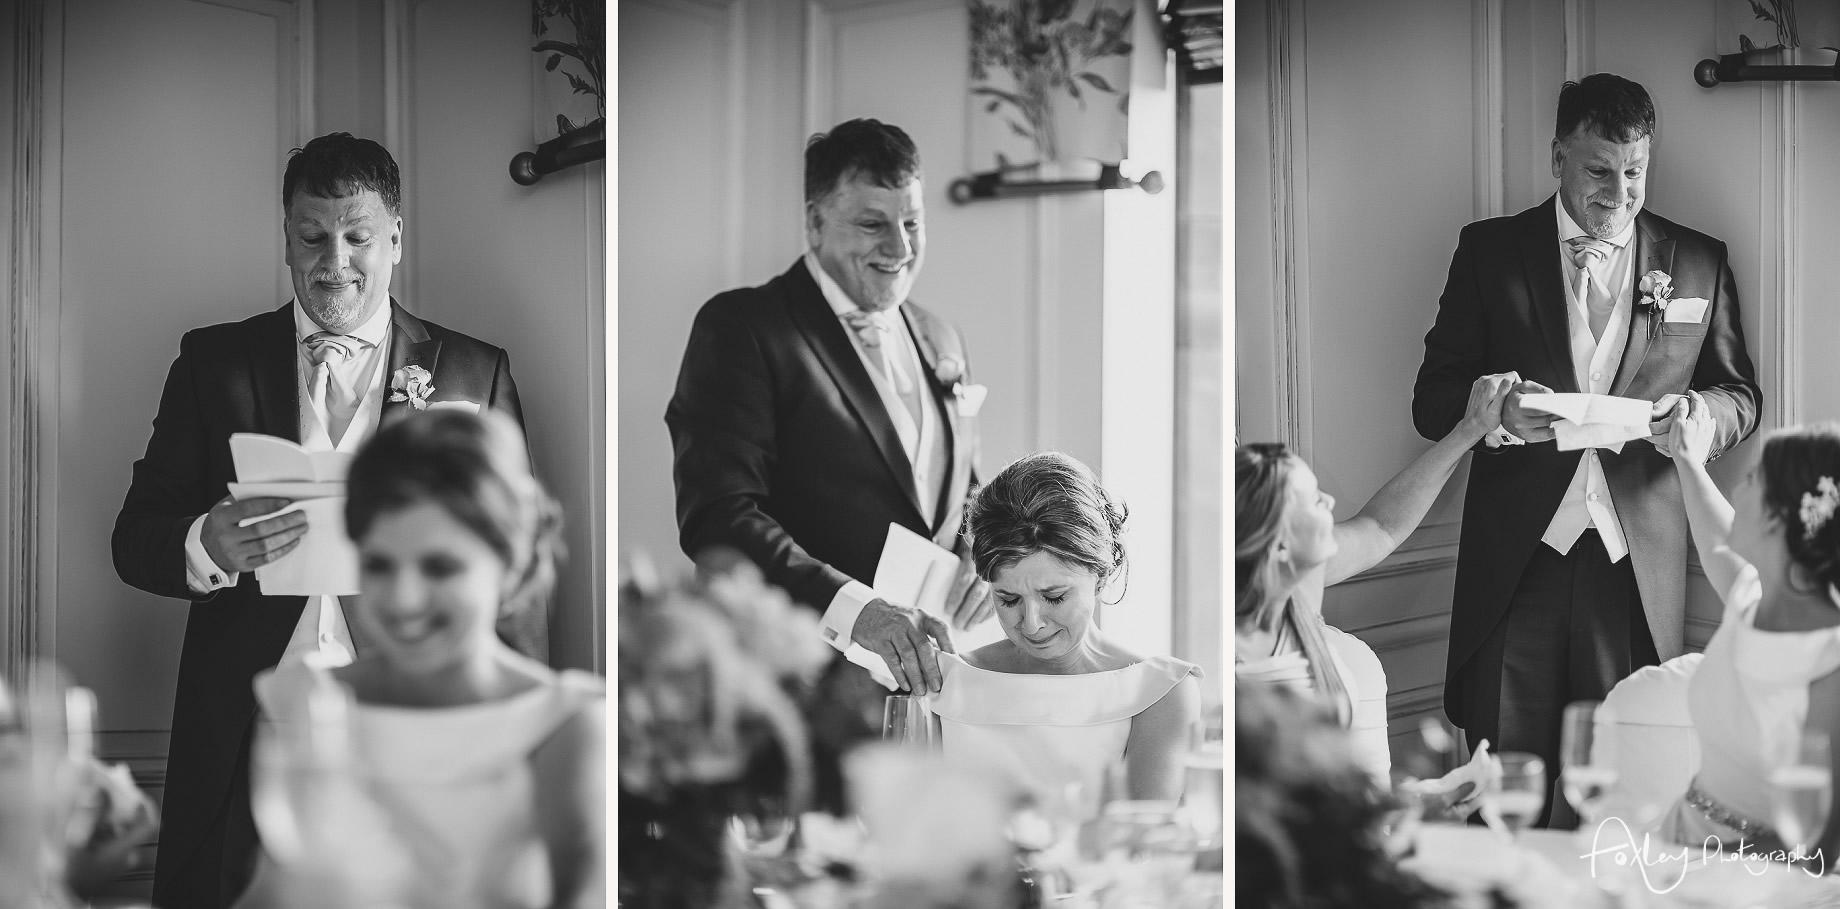 Simona-and-Robert-Wedding-at-Colshaw-Hall-128